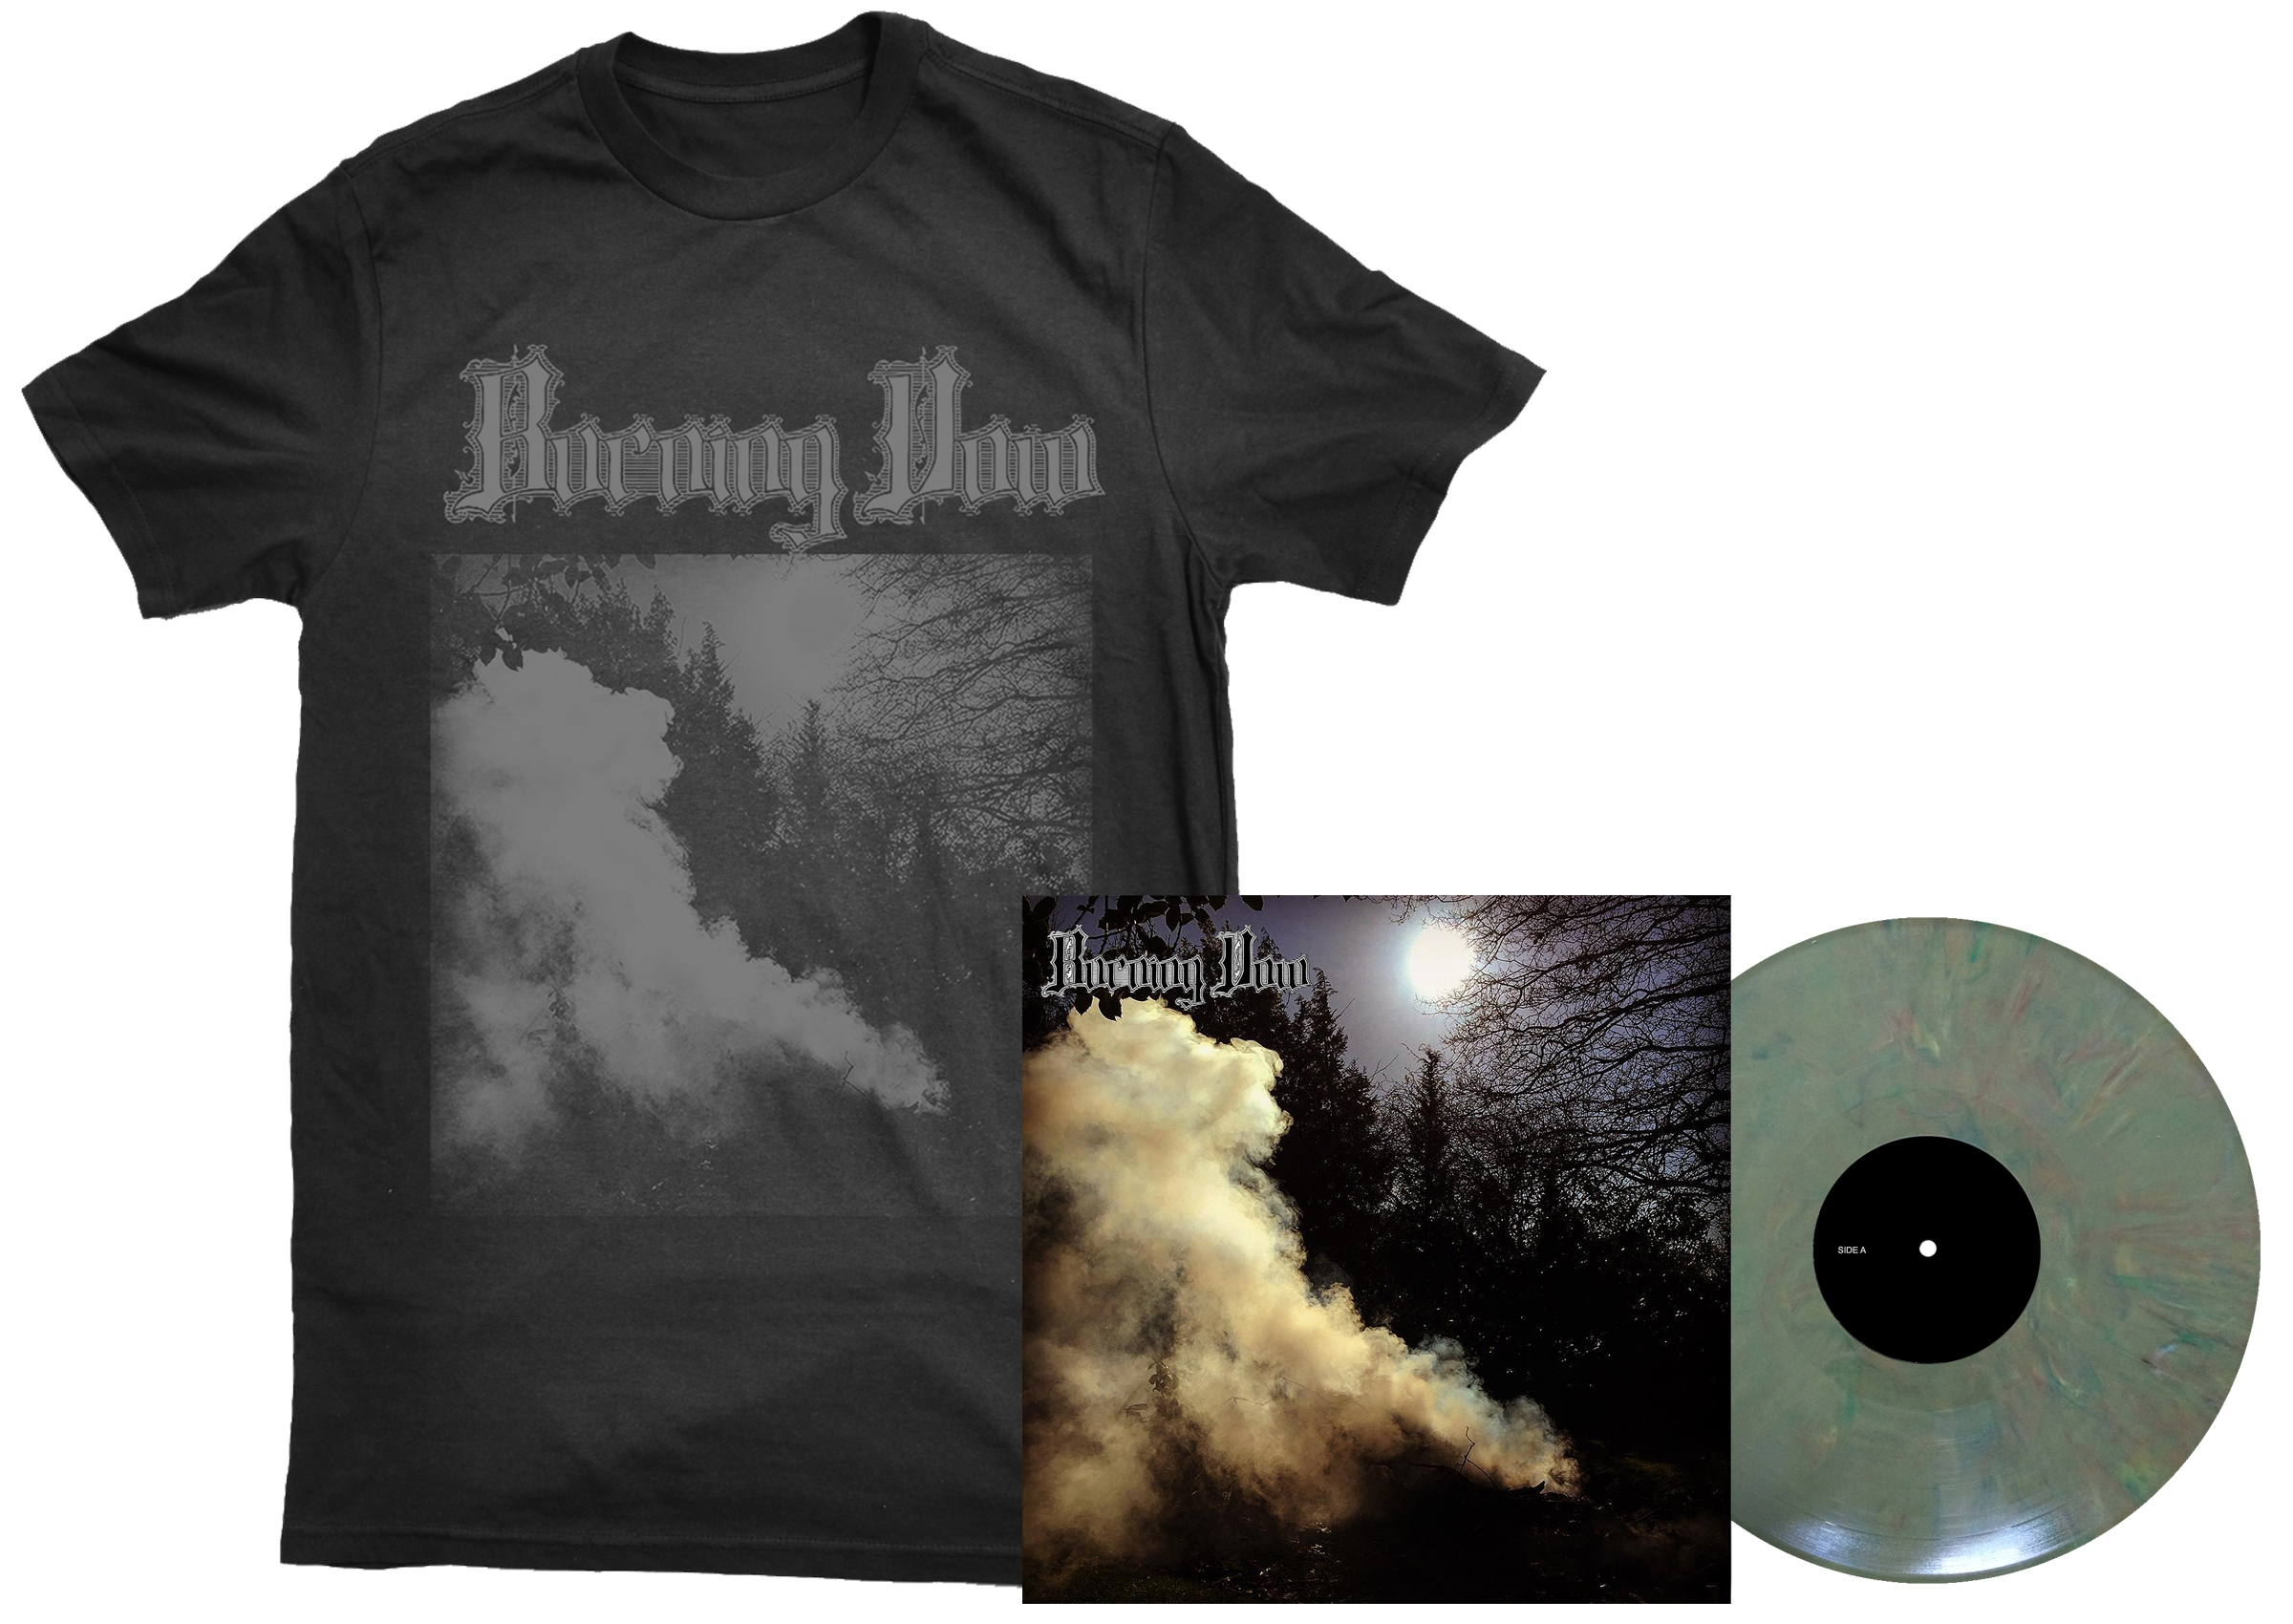 Burning Vow - S/T shirt + LP